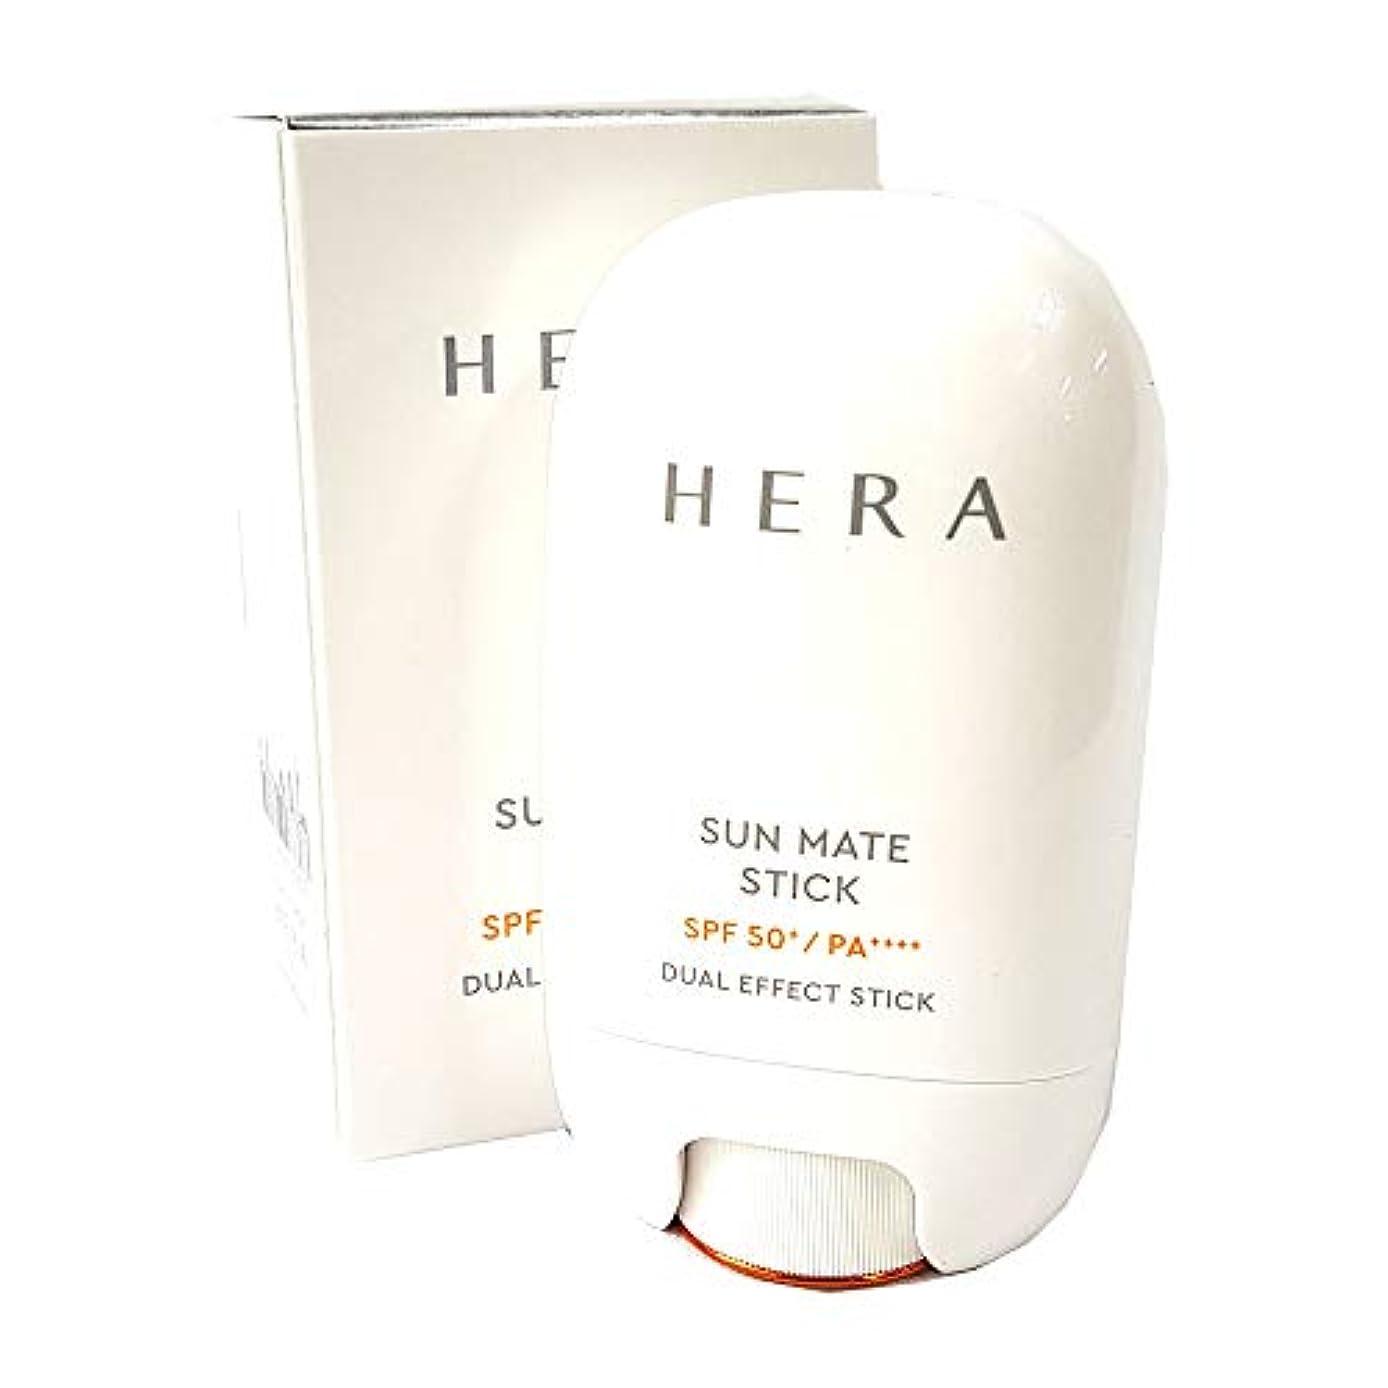 バラバラにする申し込む鏡HERA ヘラ サン メイト スティック 20g, SUN MATE STICK SPF50+ PA++++, 2019 NEW